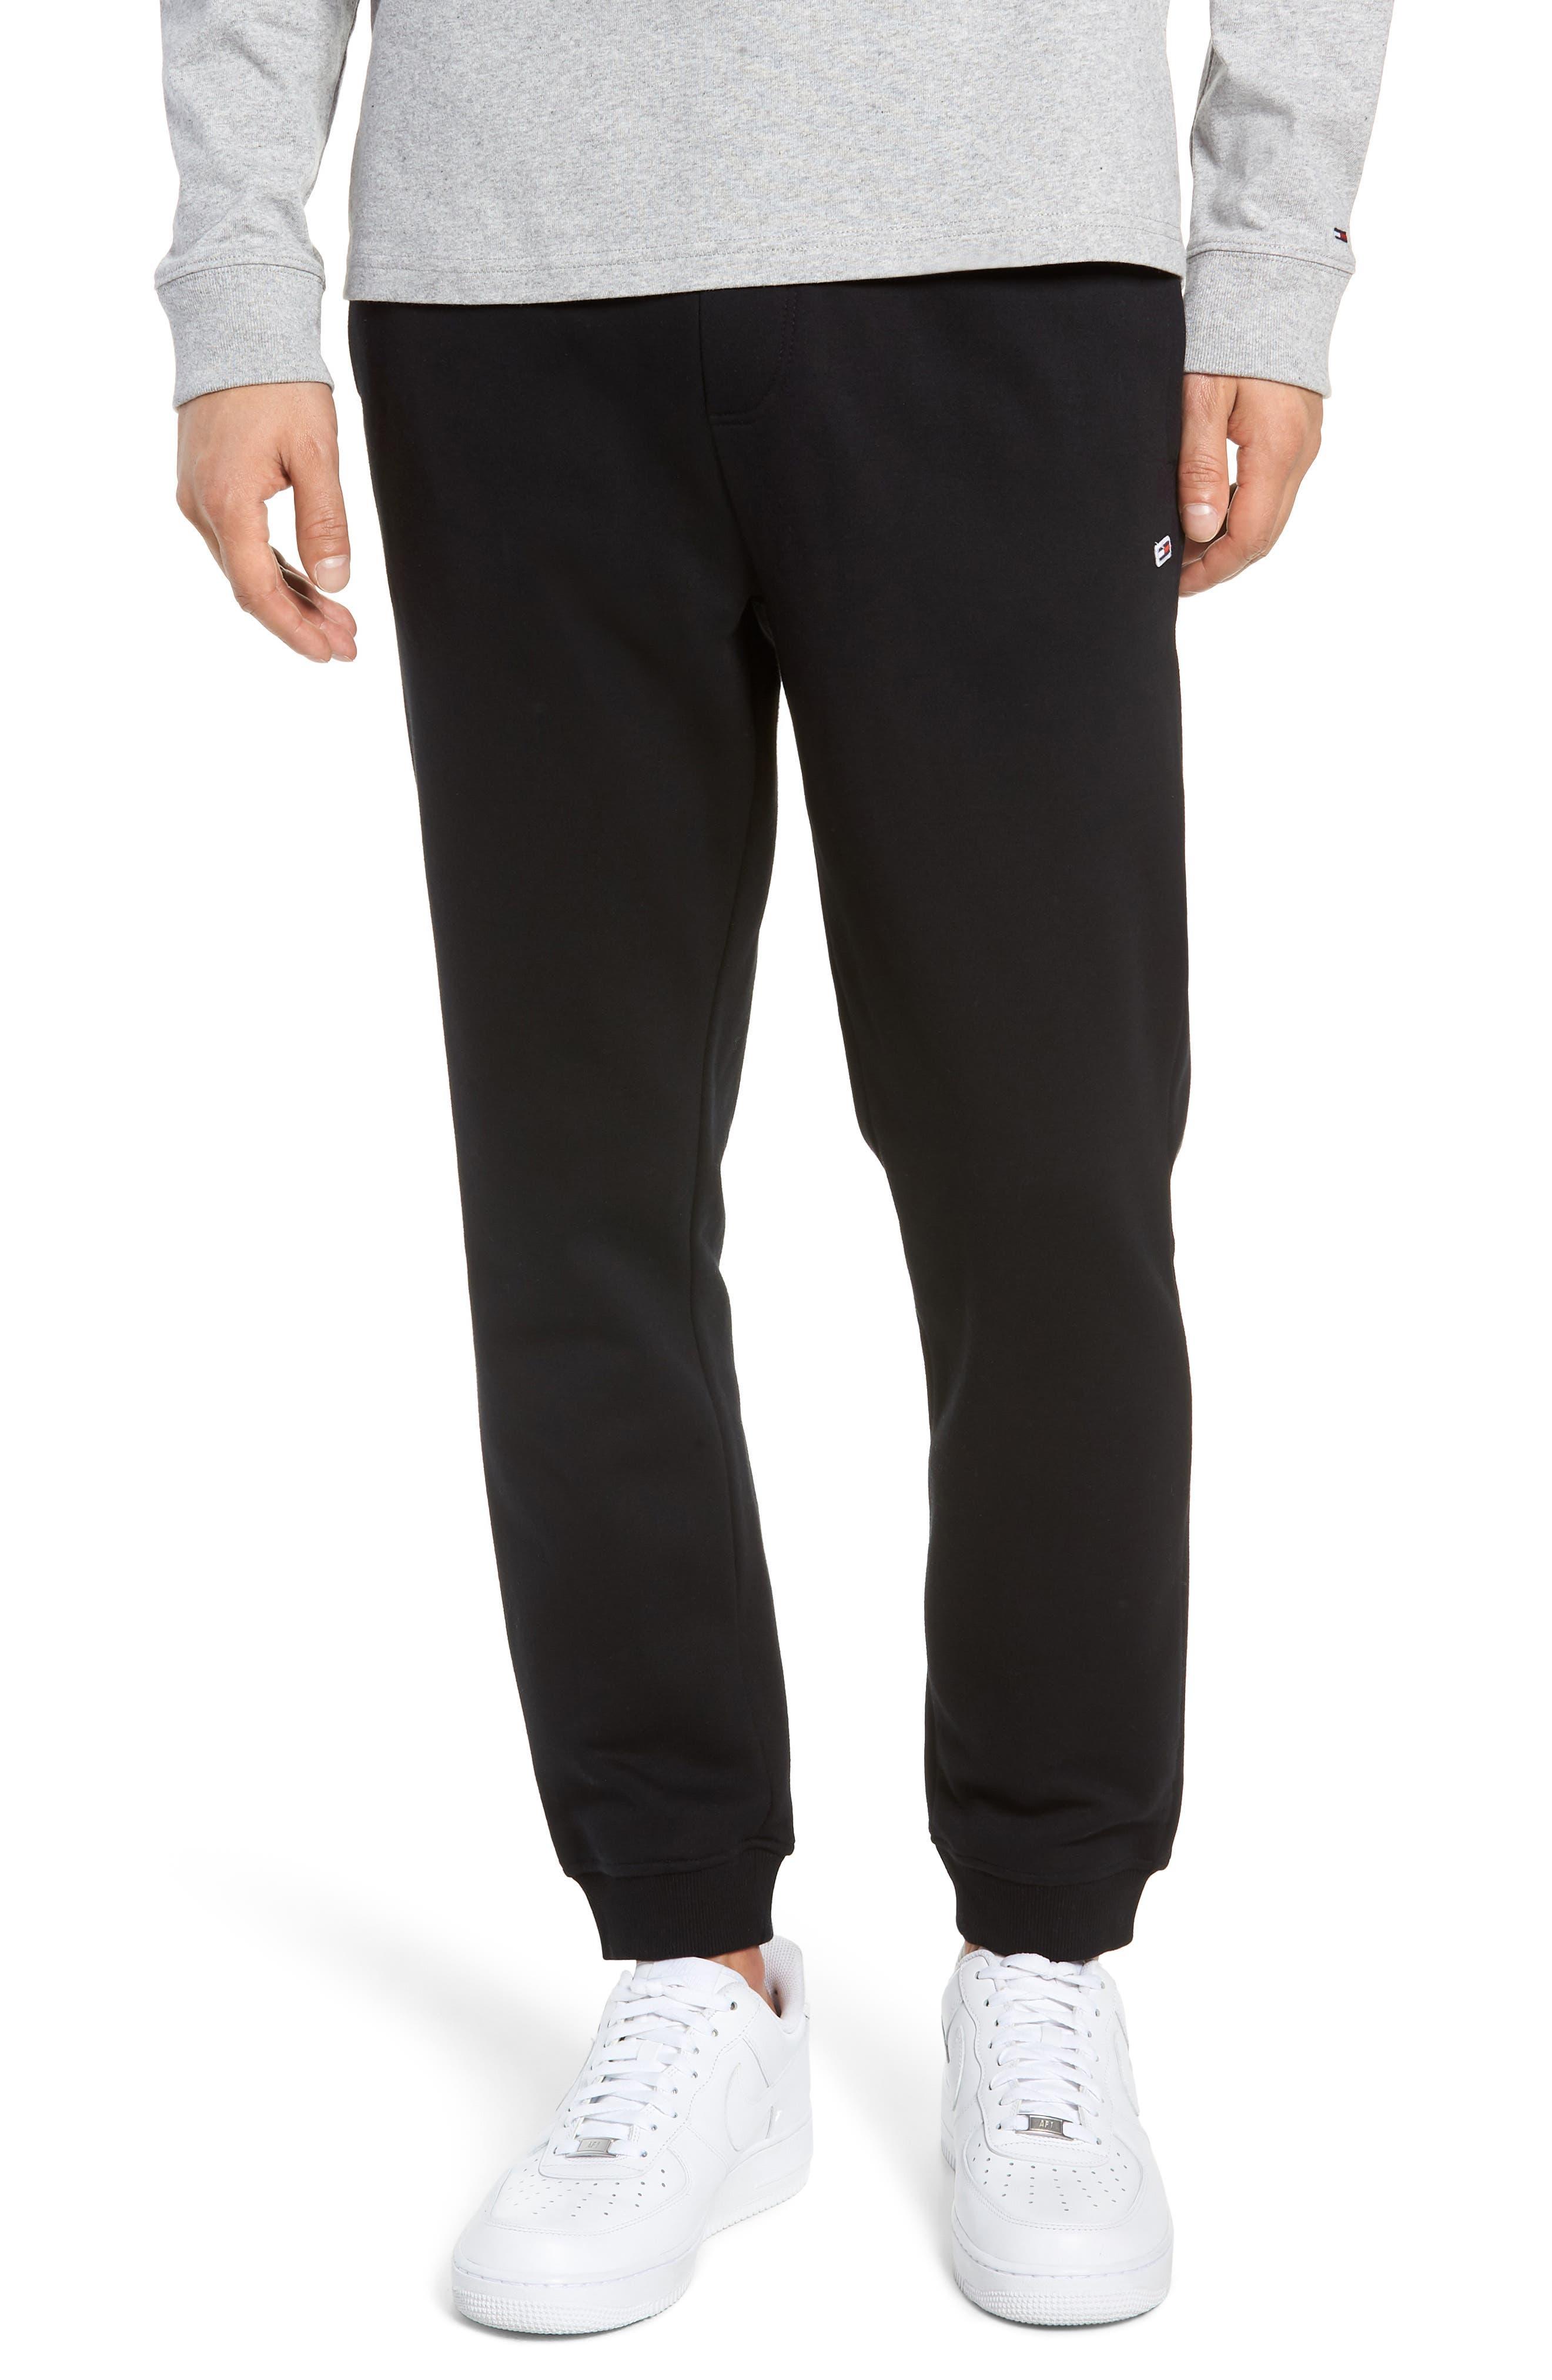 TJM Classics Sweatpants,                             Main thumbnail 1, color,                             TOMMY BLACK